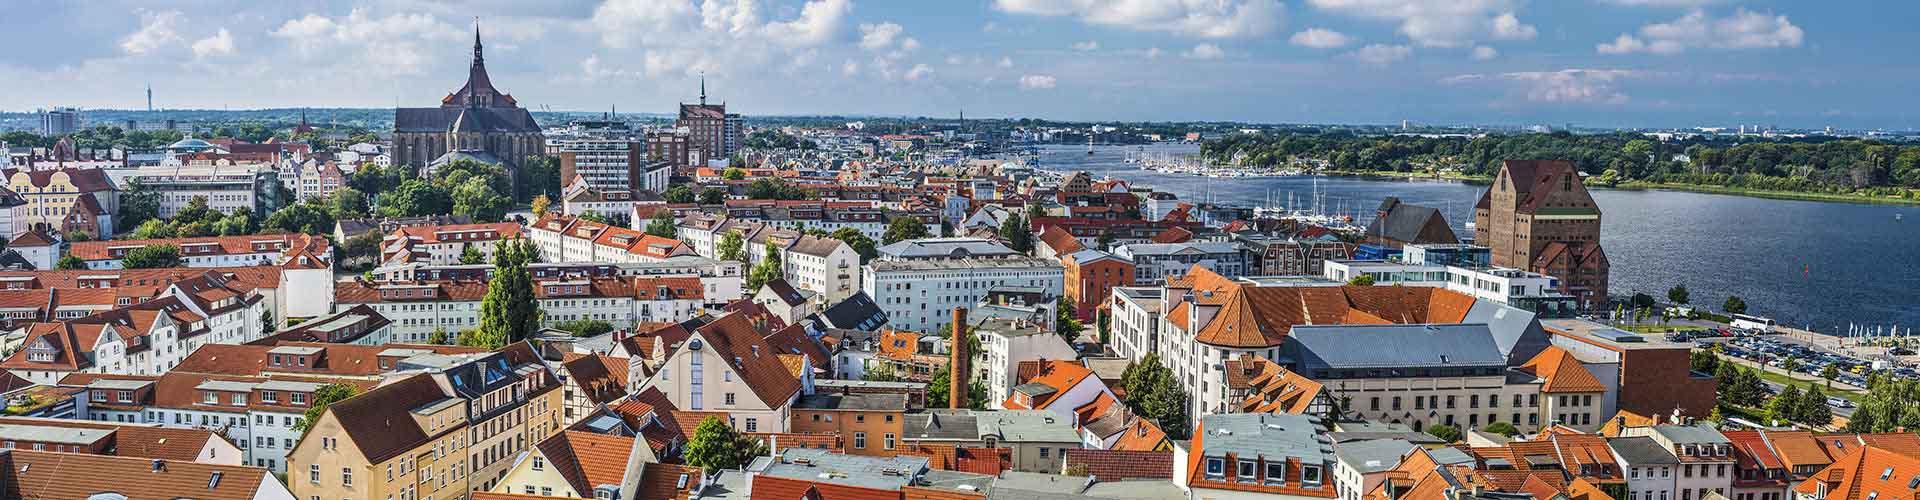 Rostock - Campamentos en Rostock. Mapas de Rostock, Fotos y Comentarios para cada campamento en Rostock.